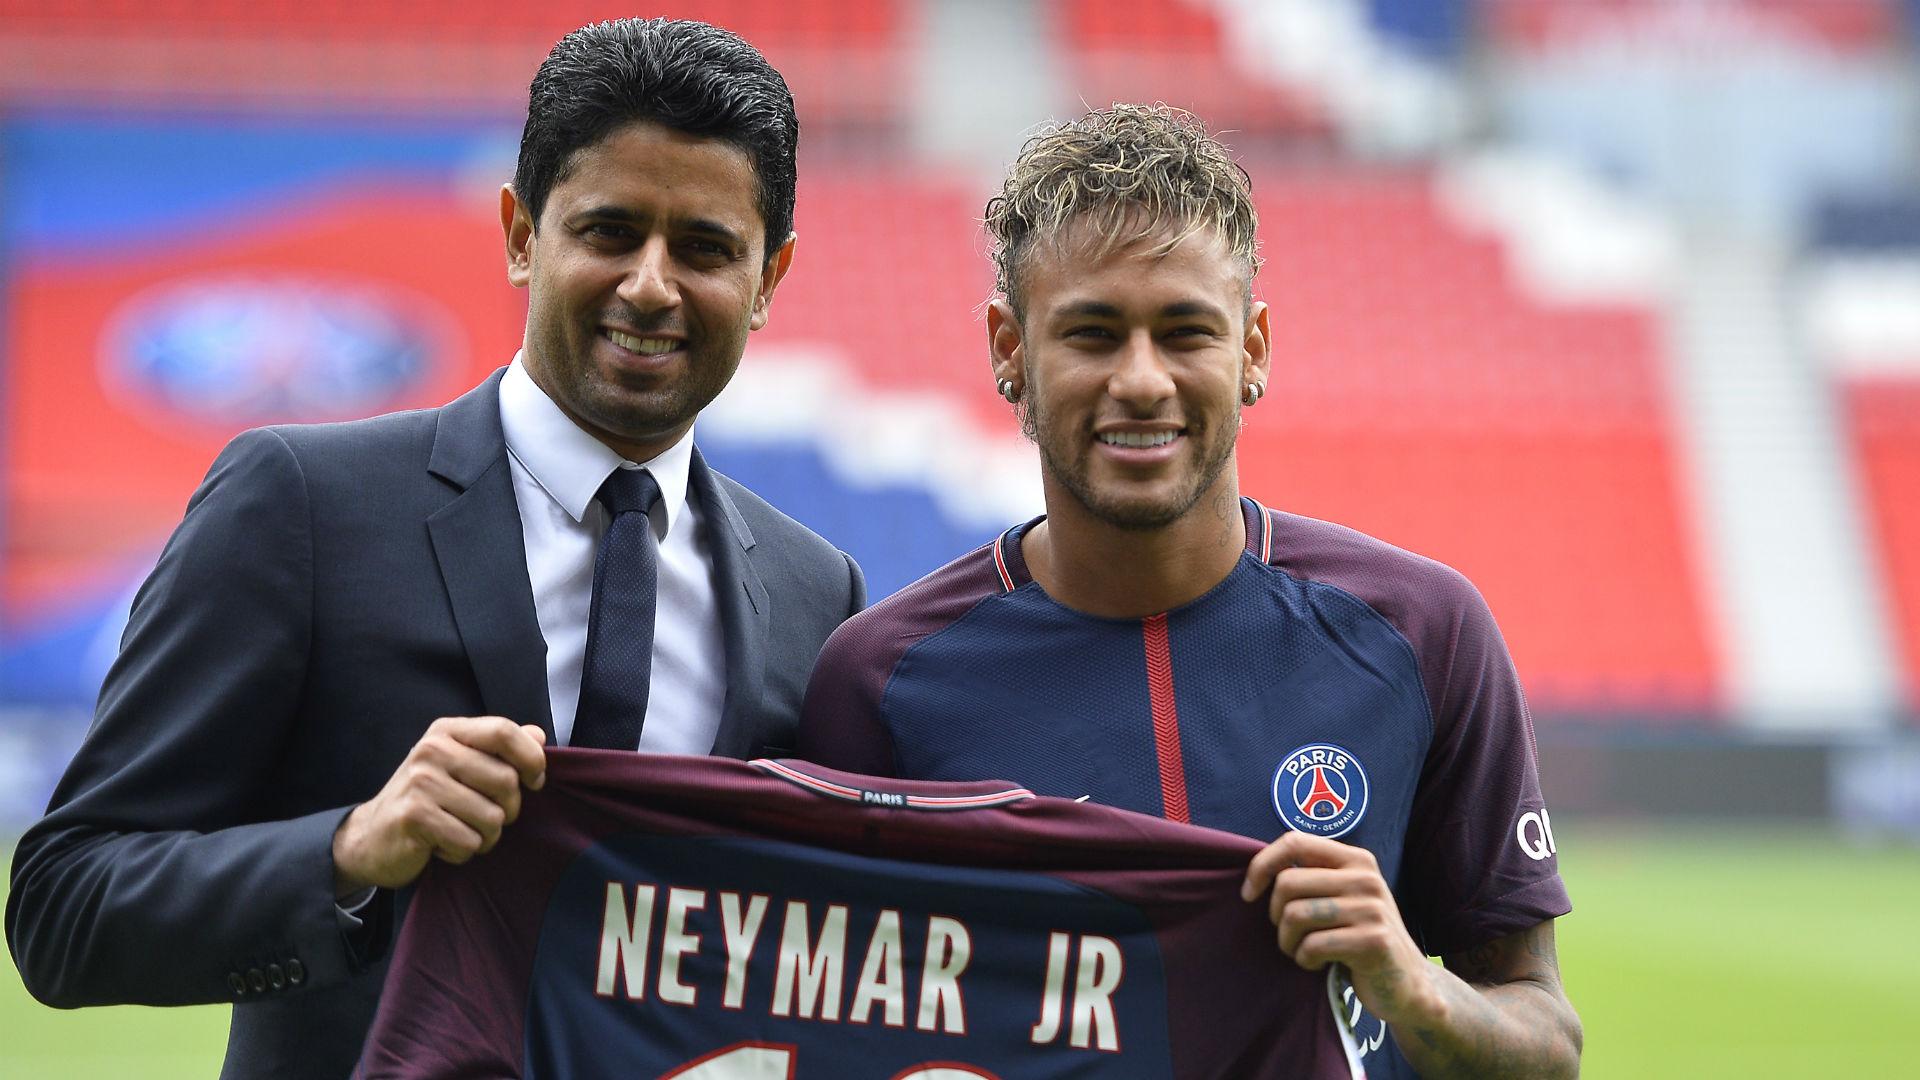 Le clan Neymar furieux après cette accusation — PSG